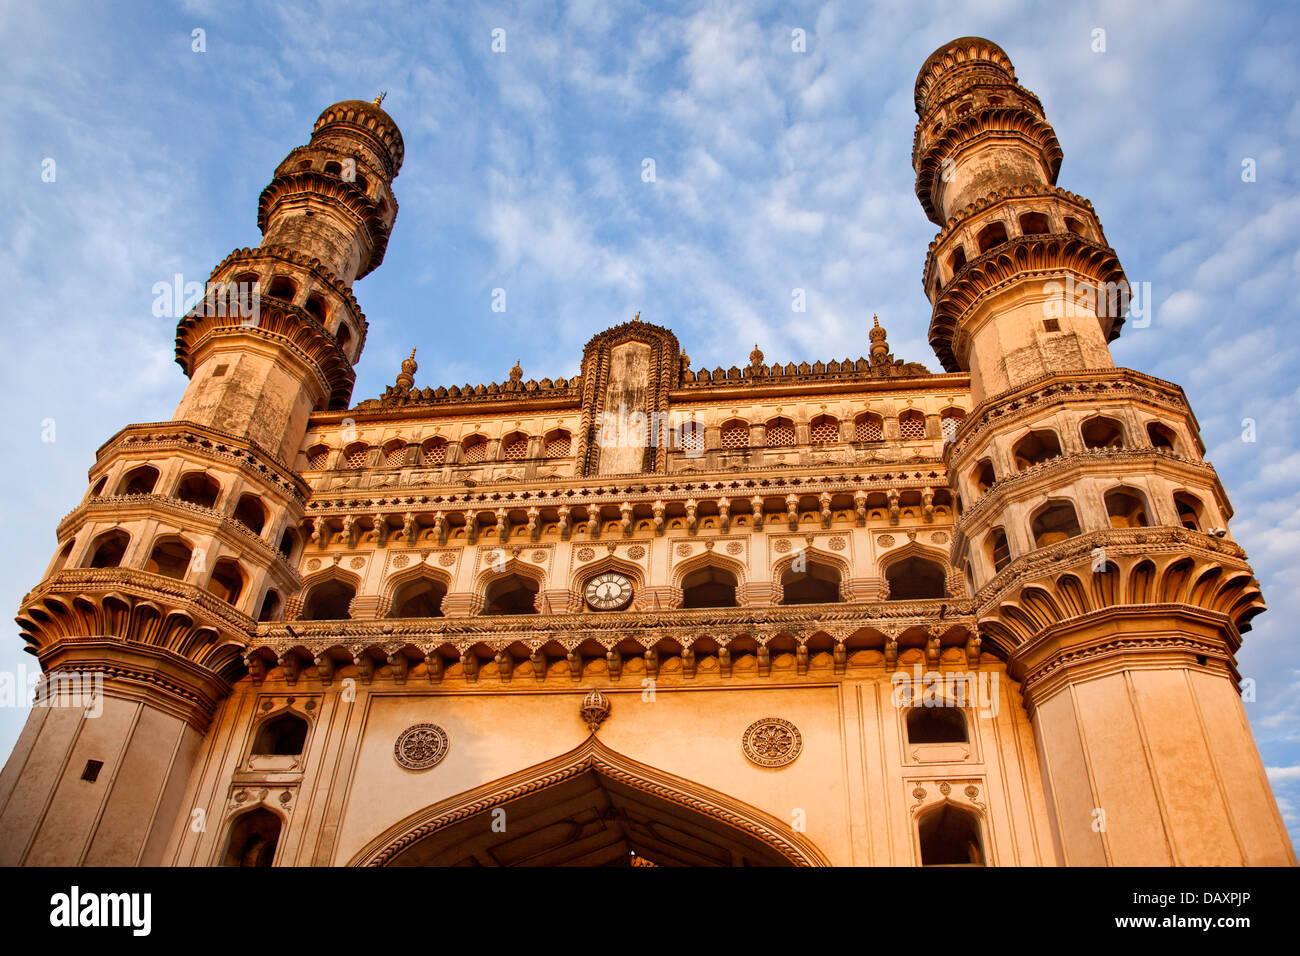 Basso angolo vista di una moschea, Charminar, Hyderabad, Andhra Pradesh, India Immagini Stock